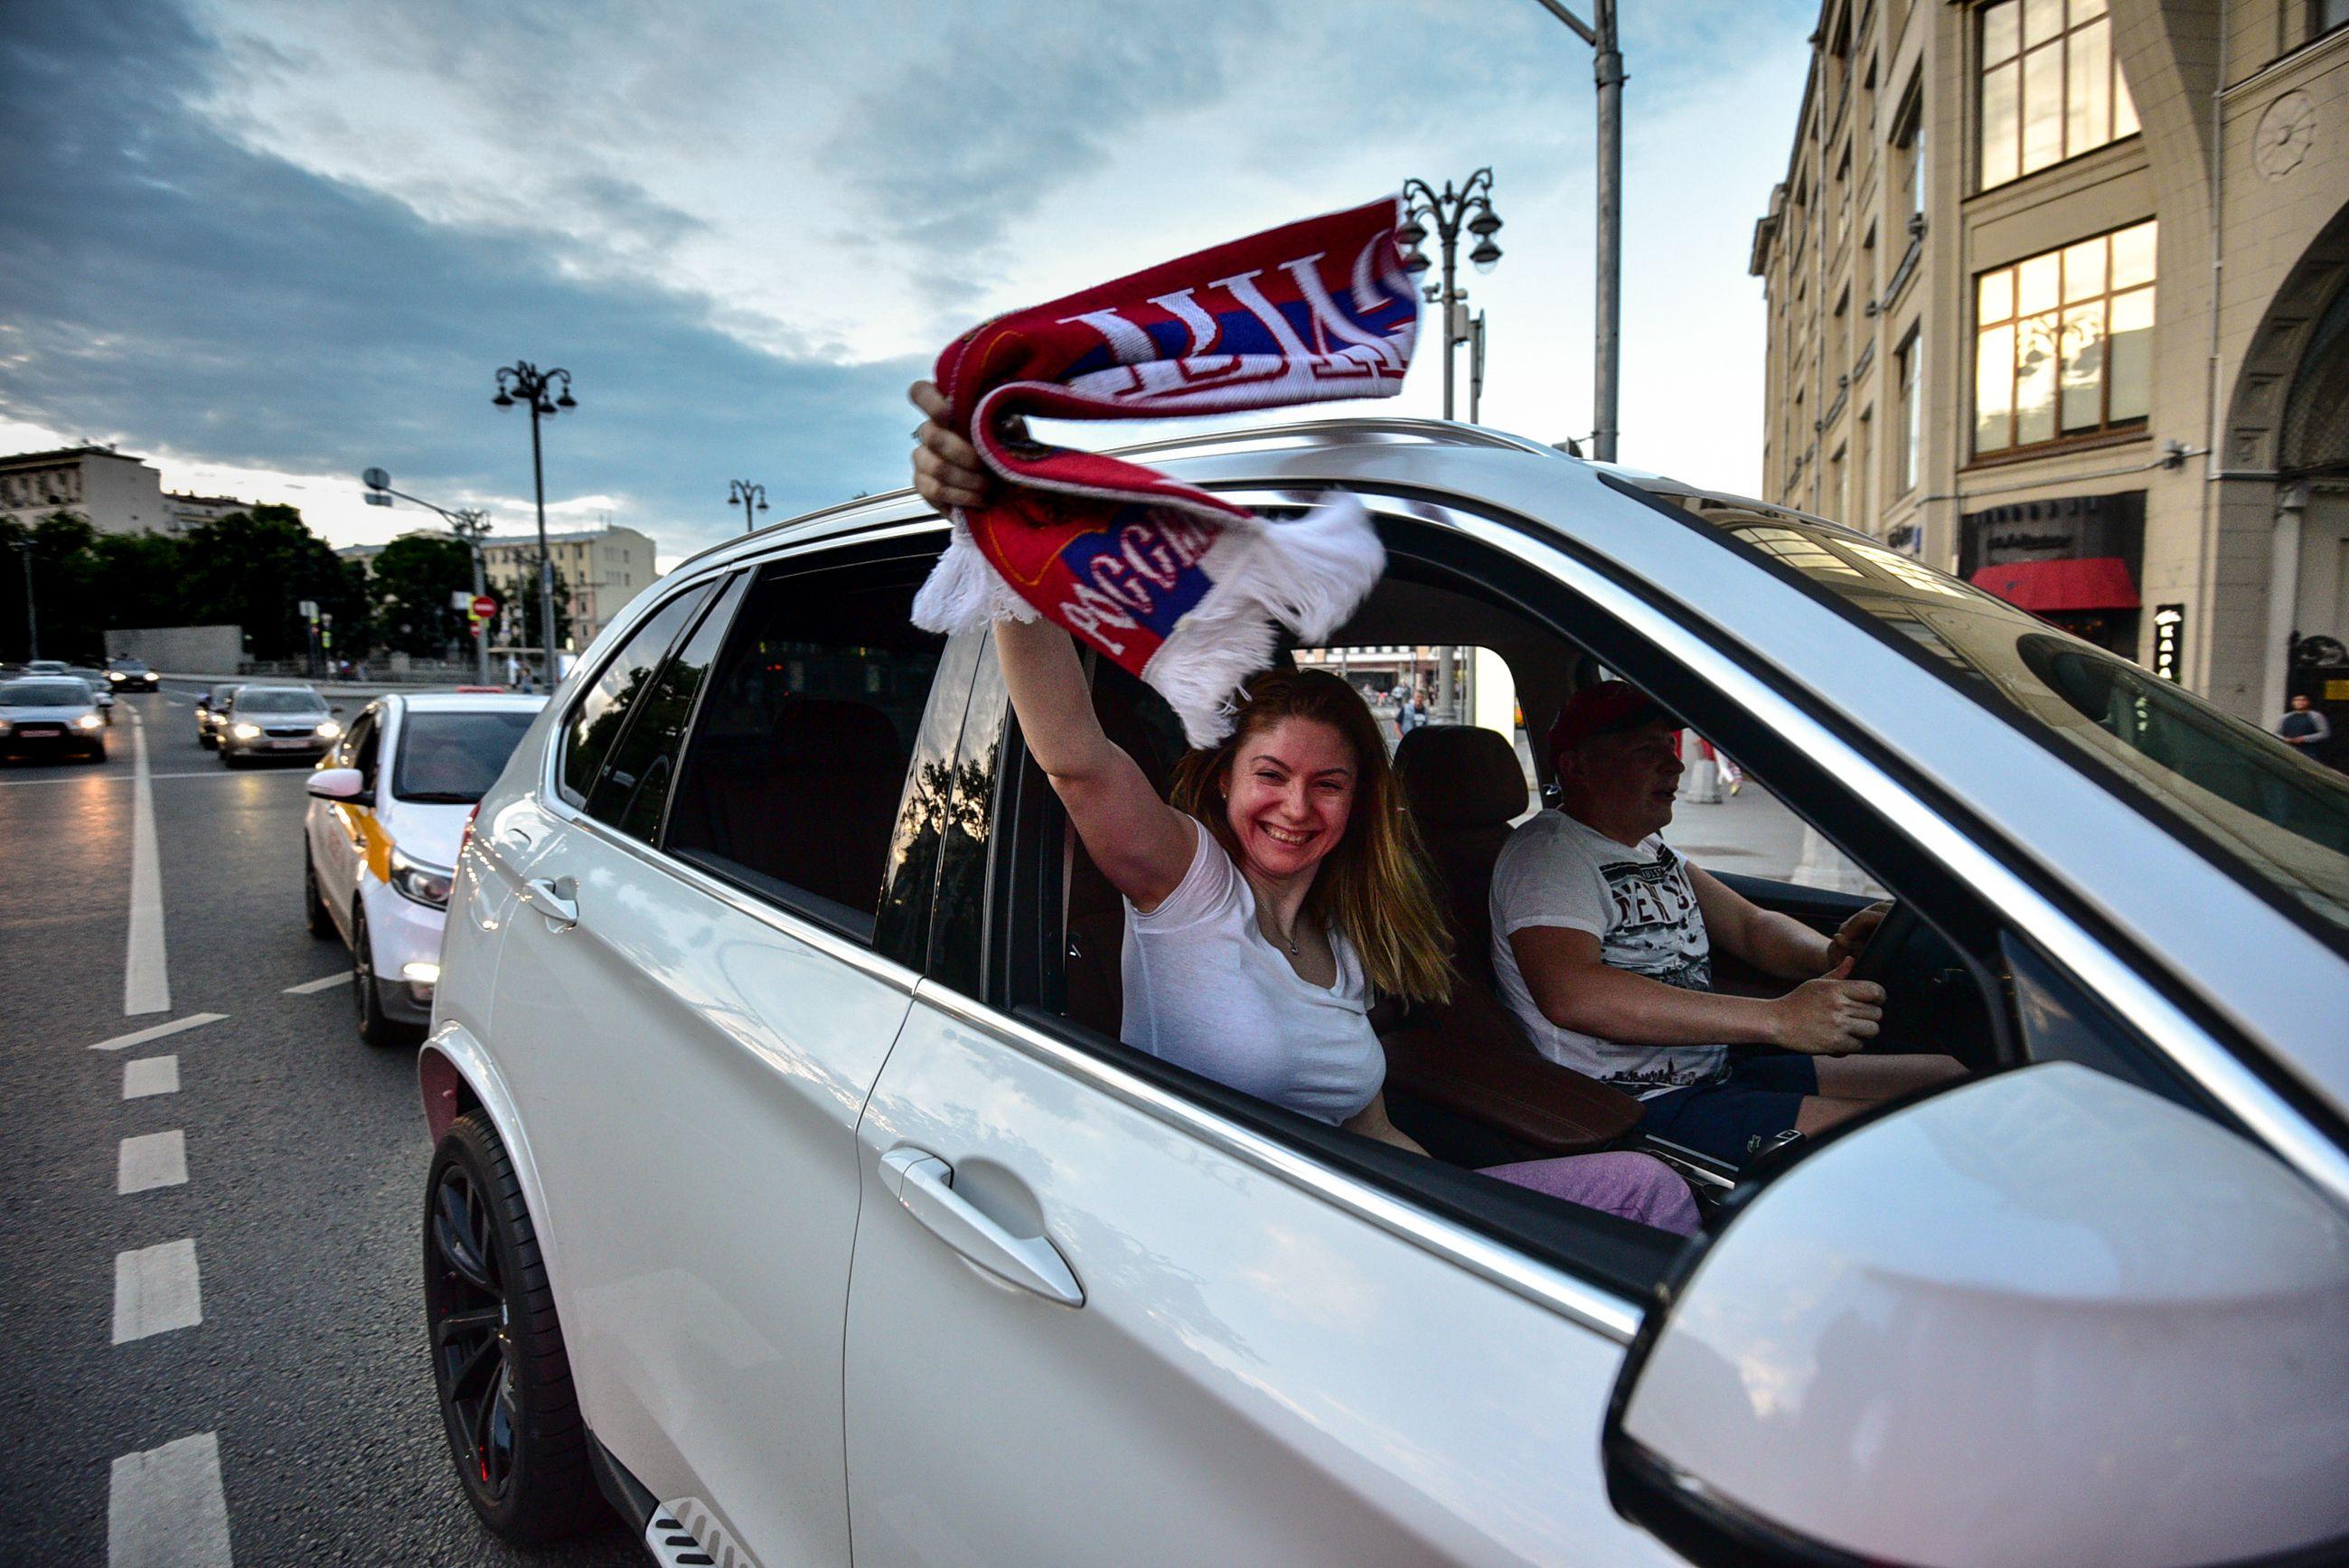 Общественный транспорт изменит режим работы в день игры России с Хорватией